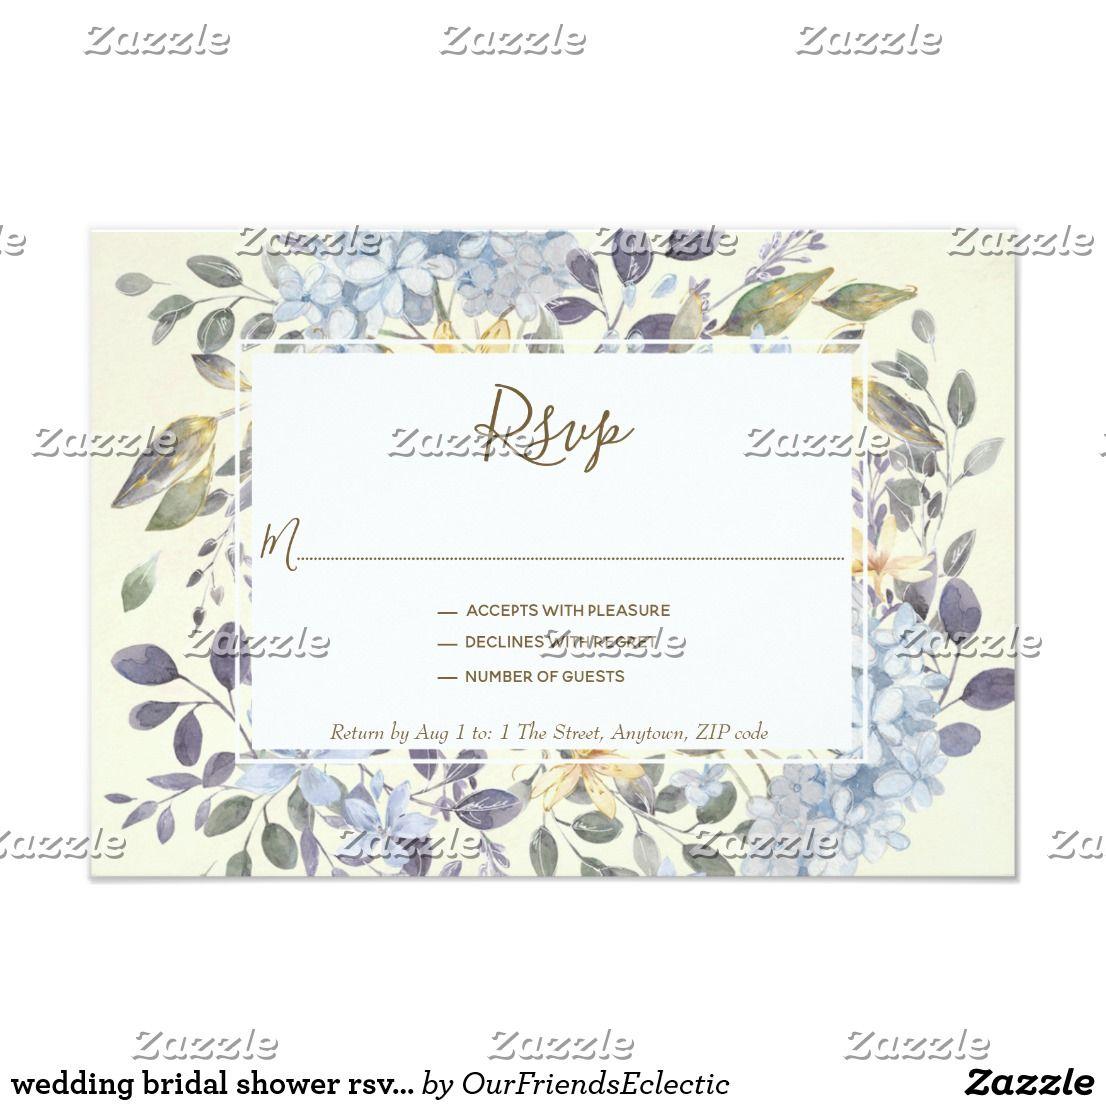 wedding bridal shower rsvp card blue floral Zazzle.co.uk